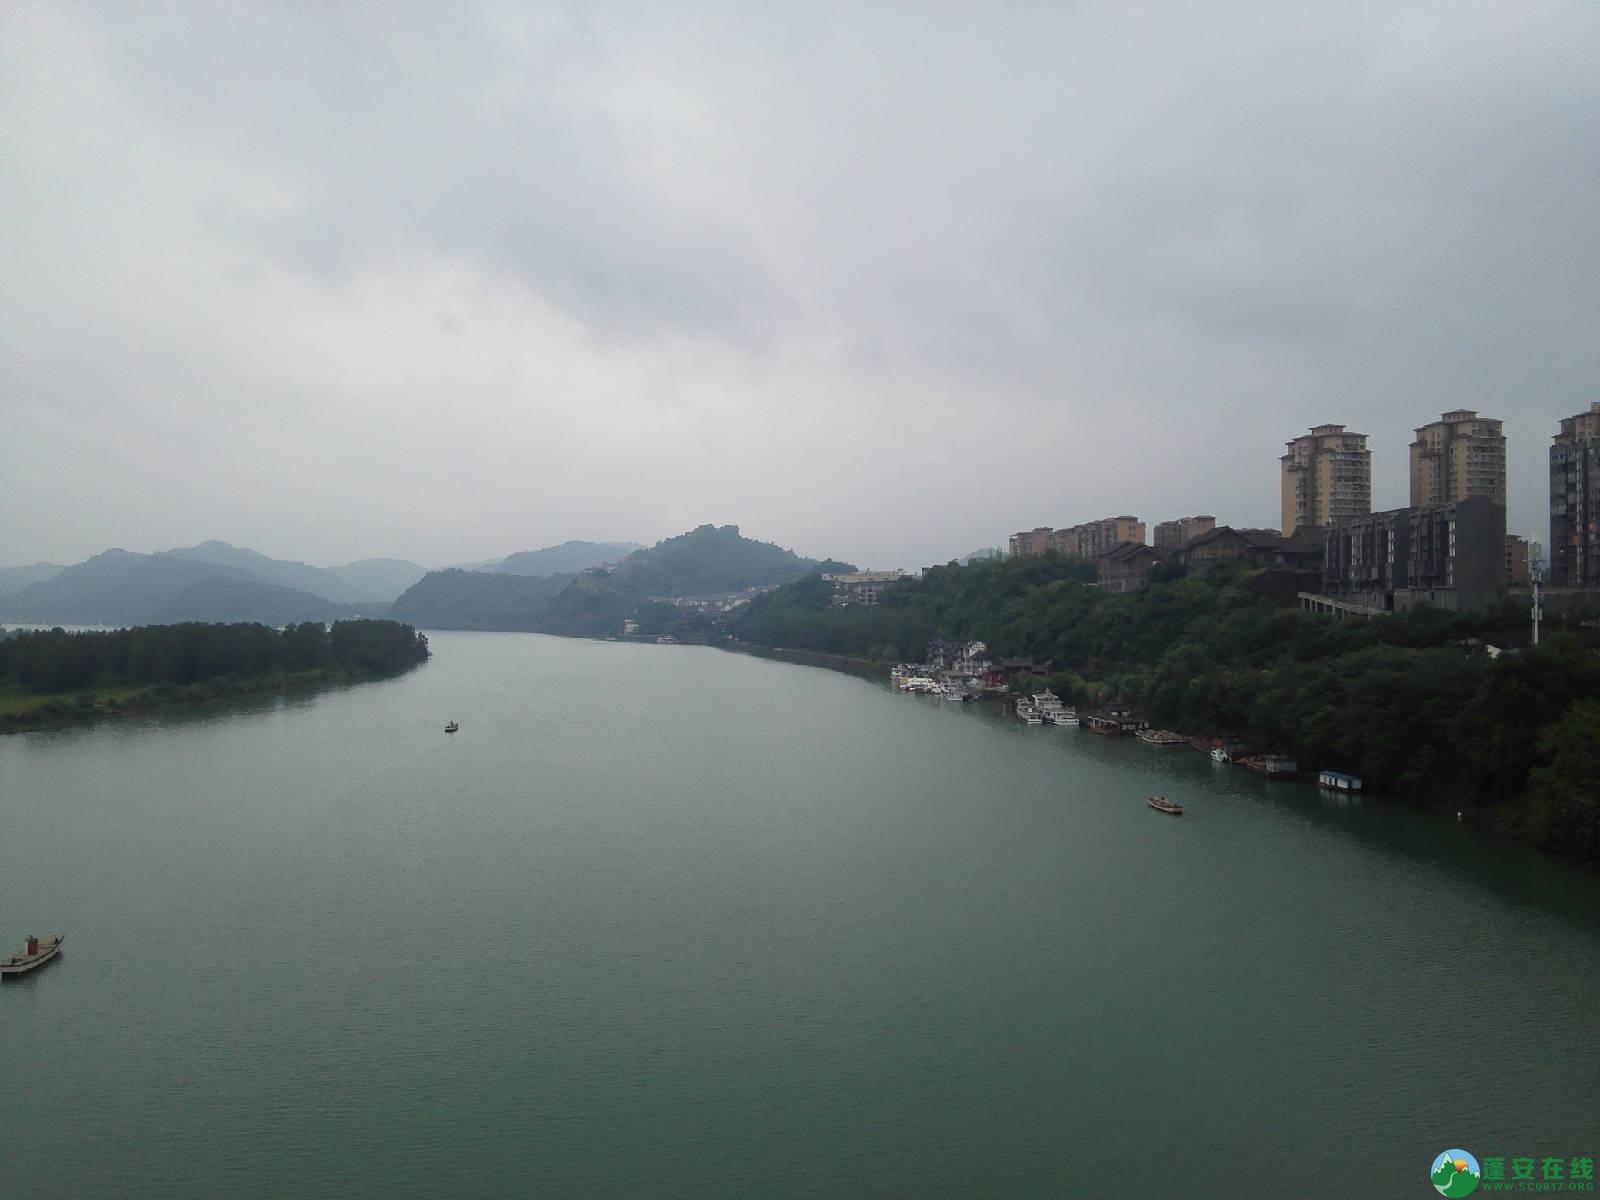 蓬安山水之城 - 第7张  | 蓬安在线